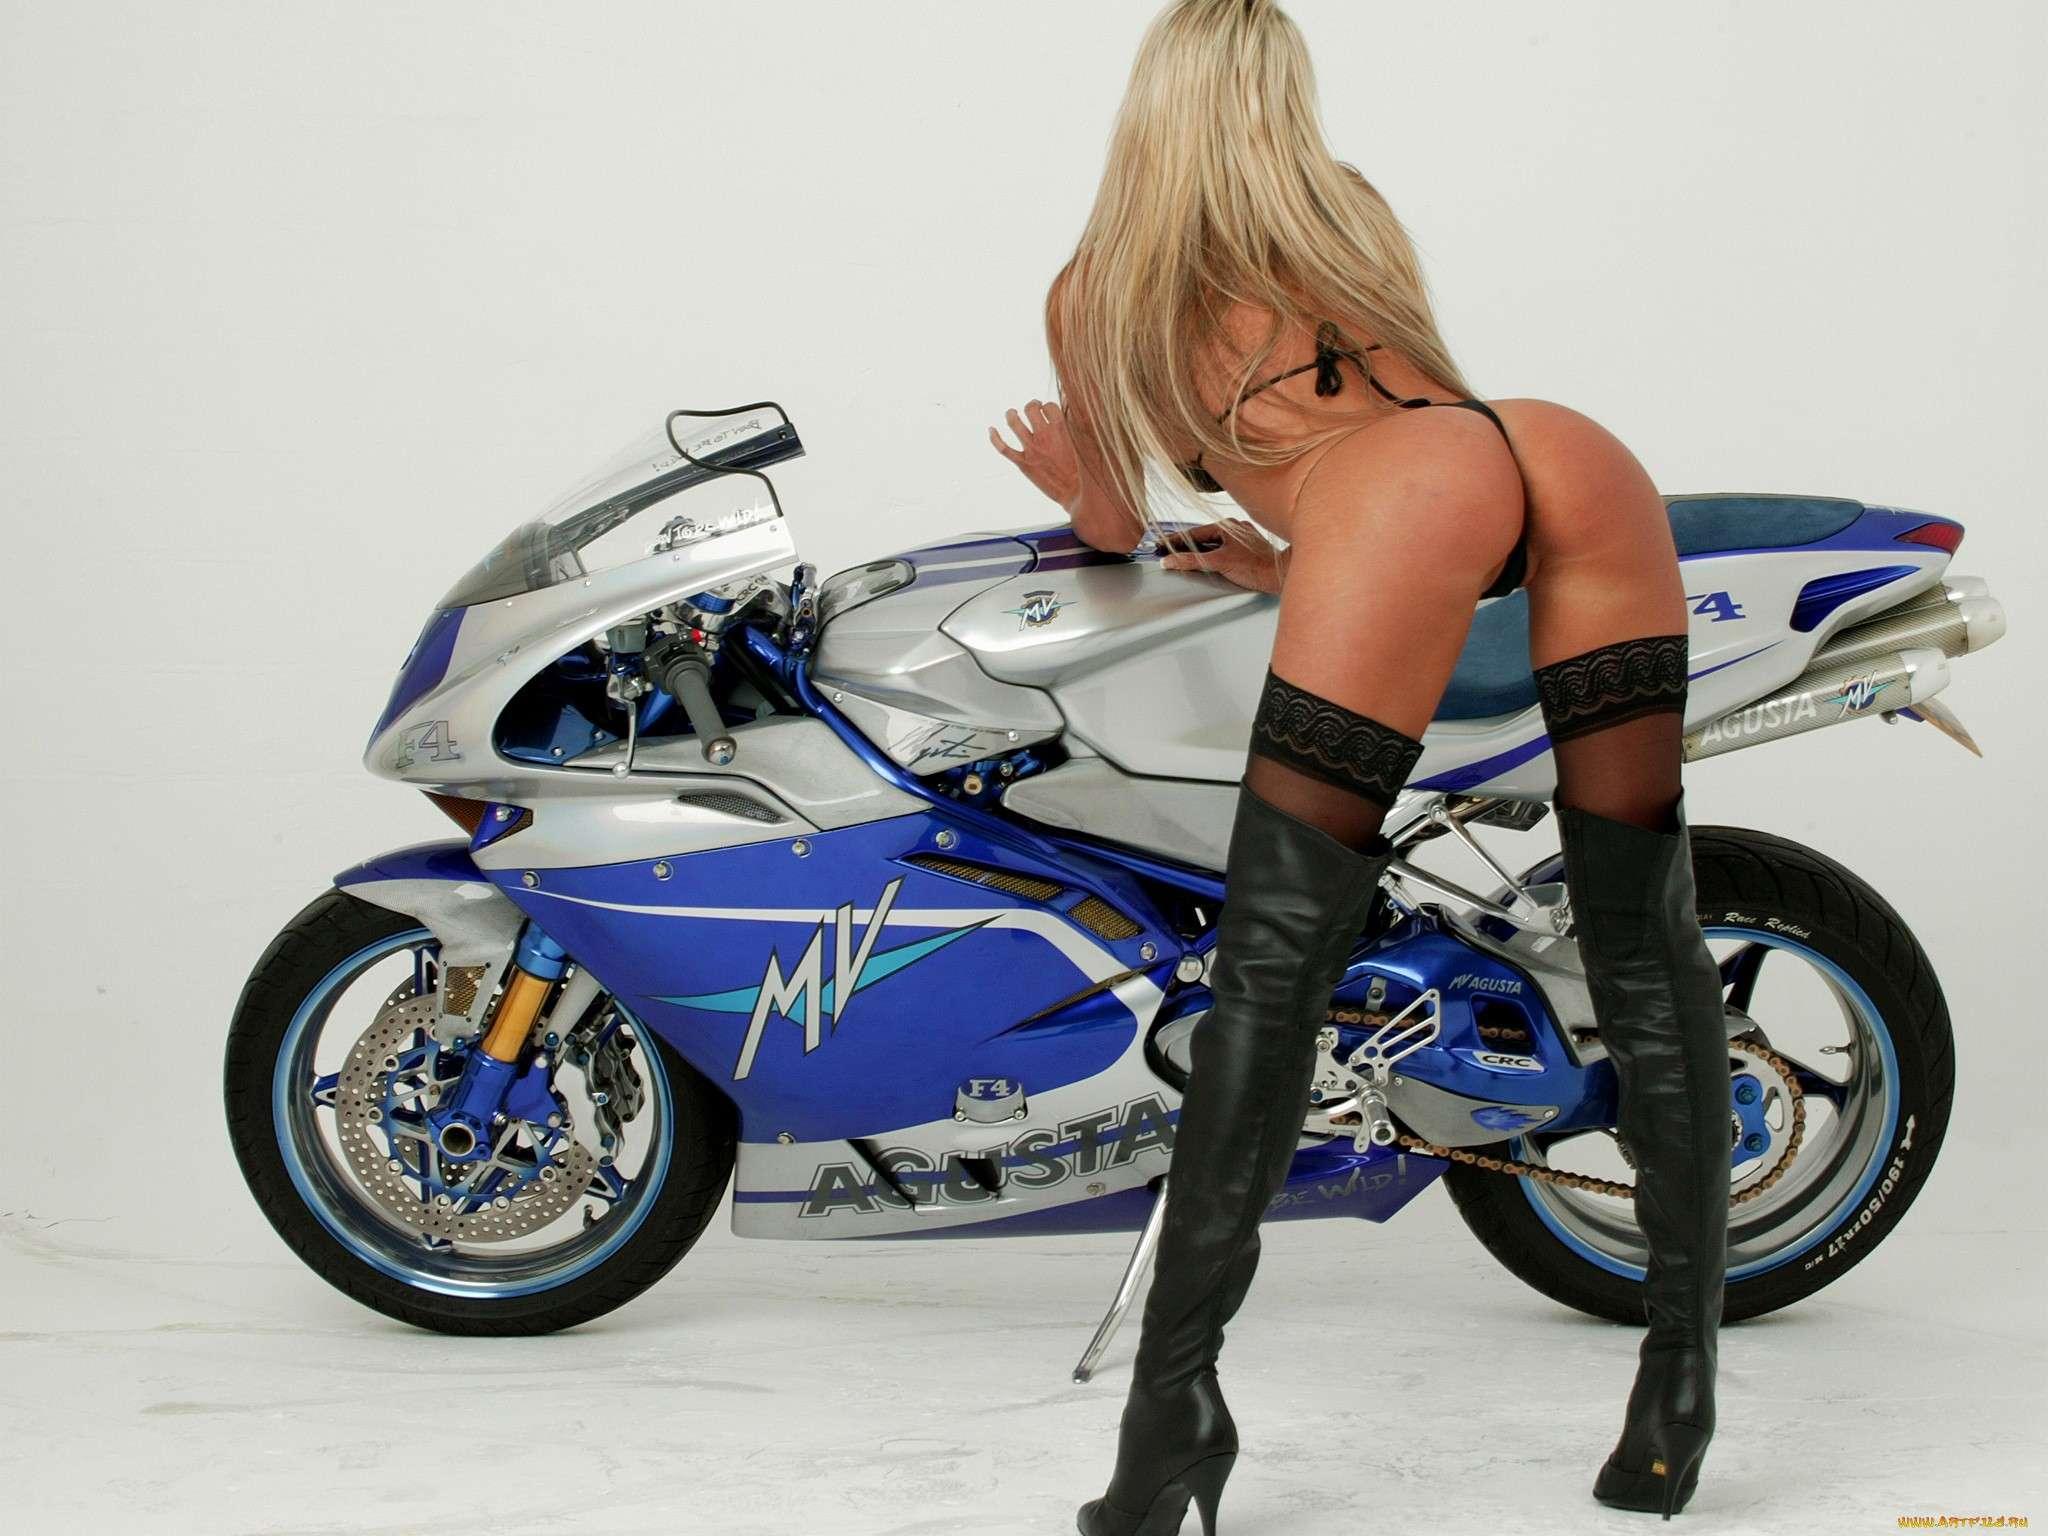 338abf40894137a - Сексуальные девушки и мотоциклы (часть 2)